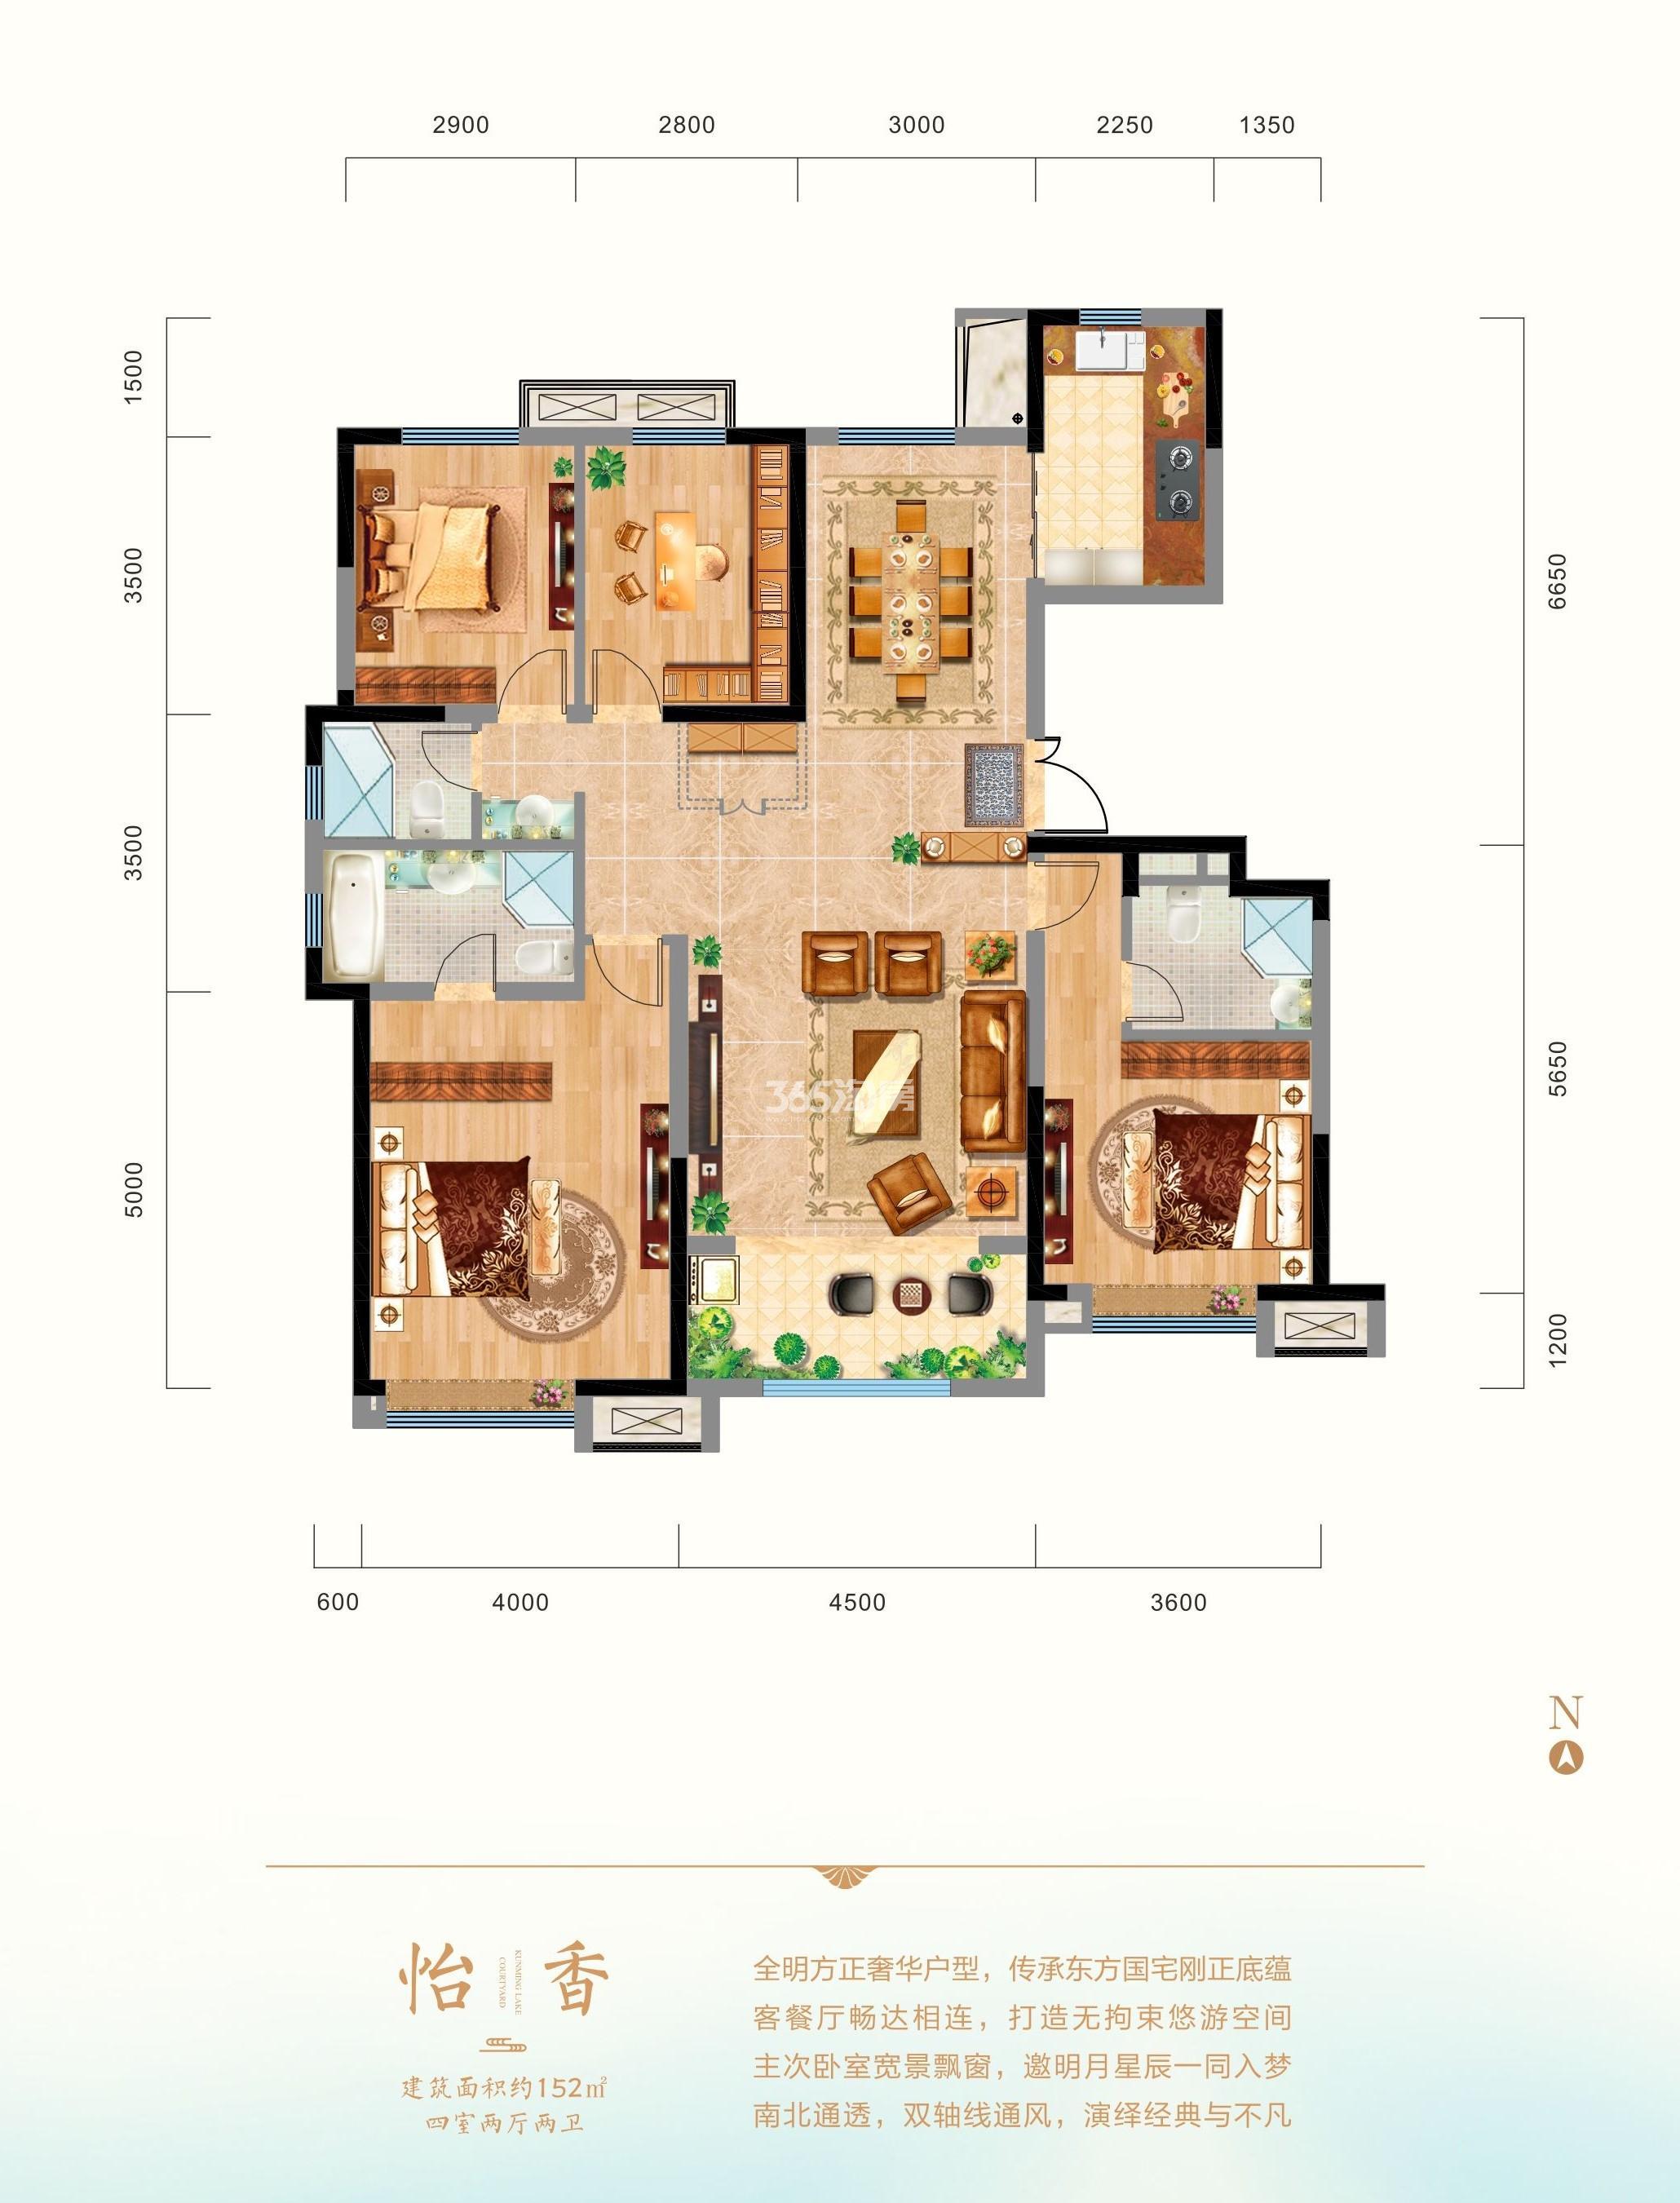 中建昆明澜庭四室两厅152㎡户型图